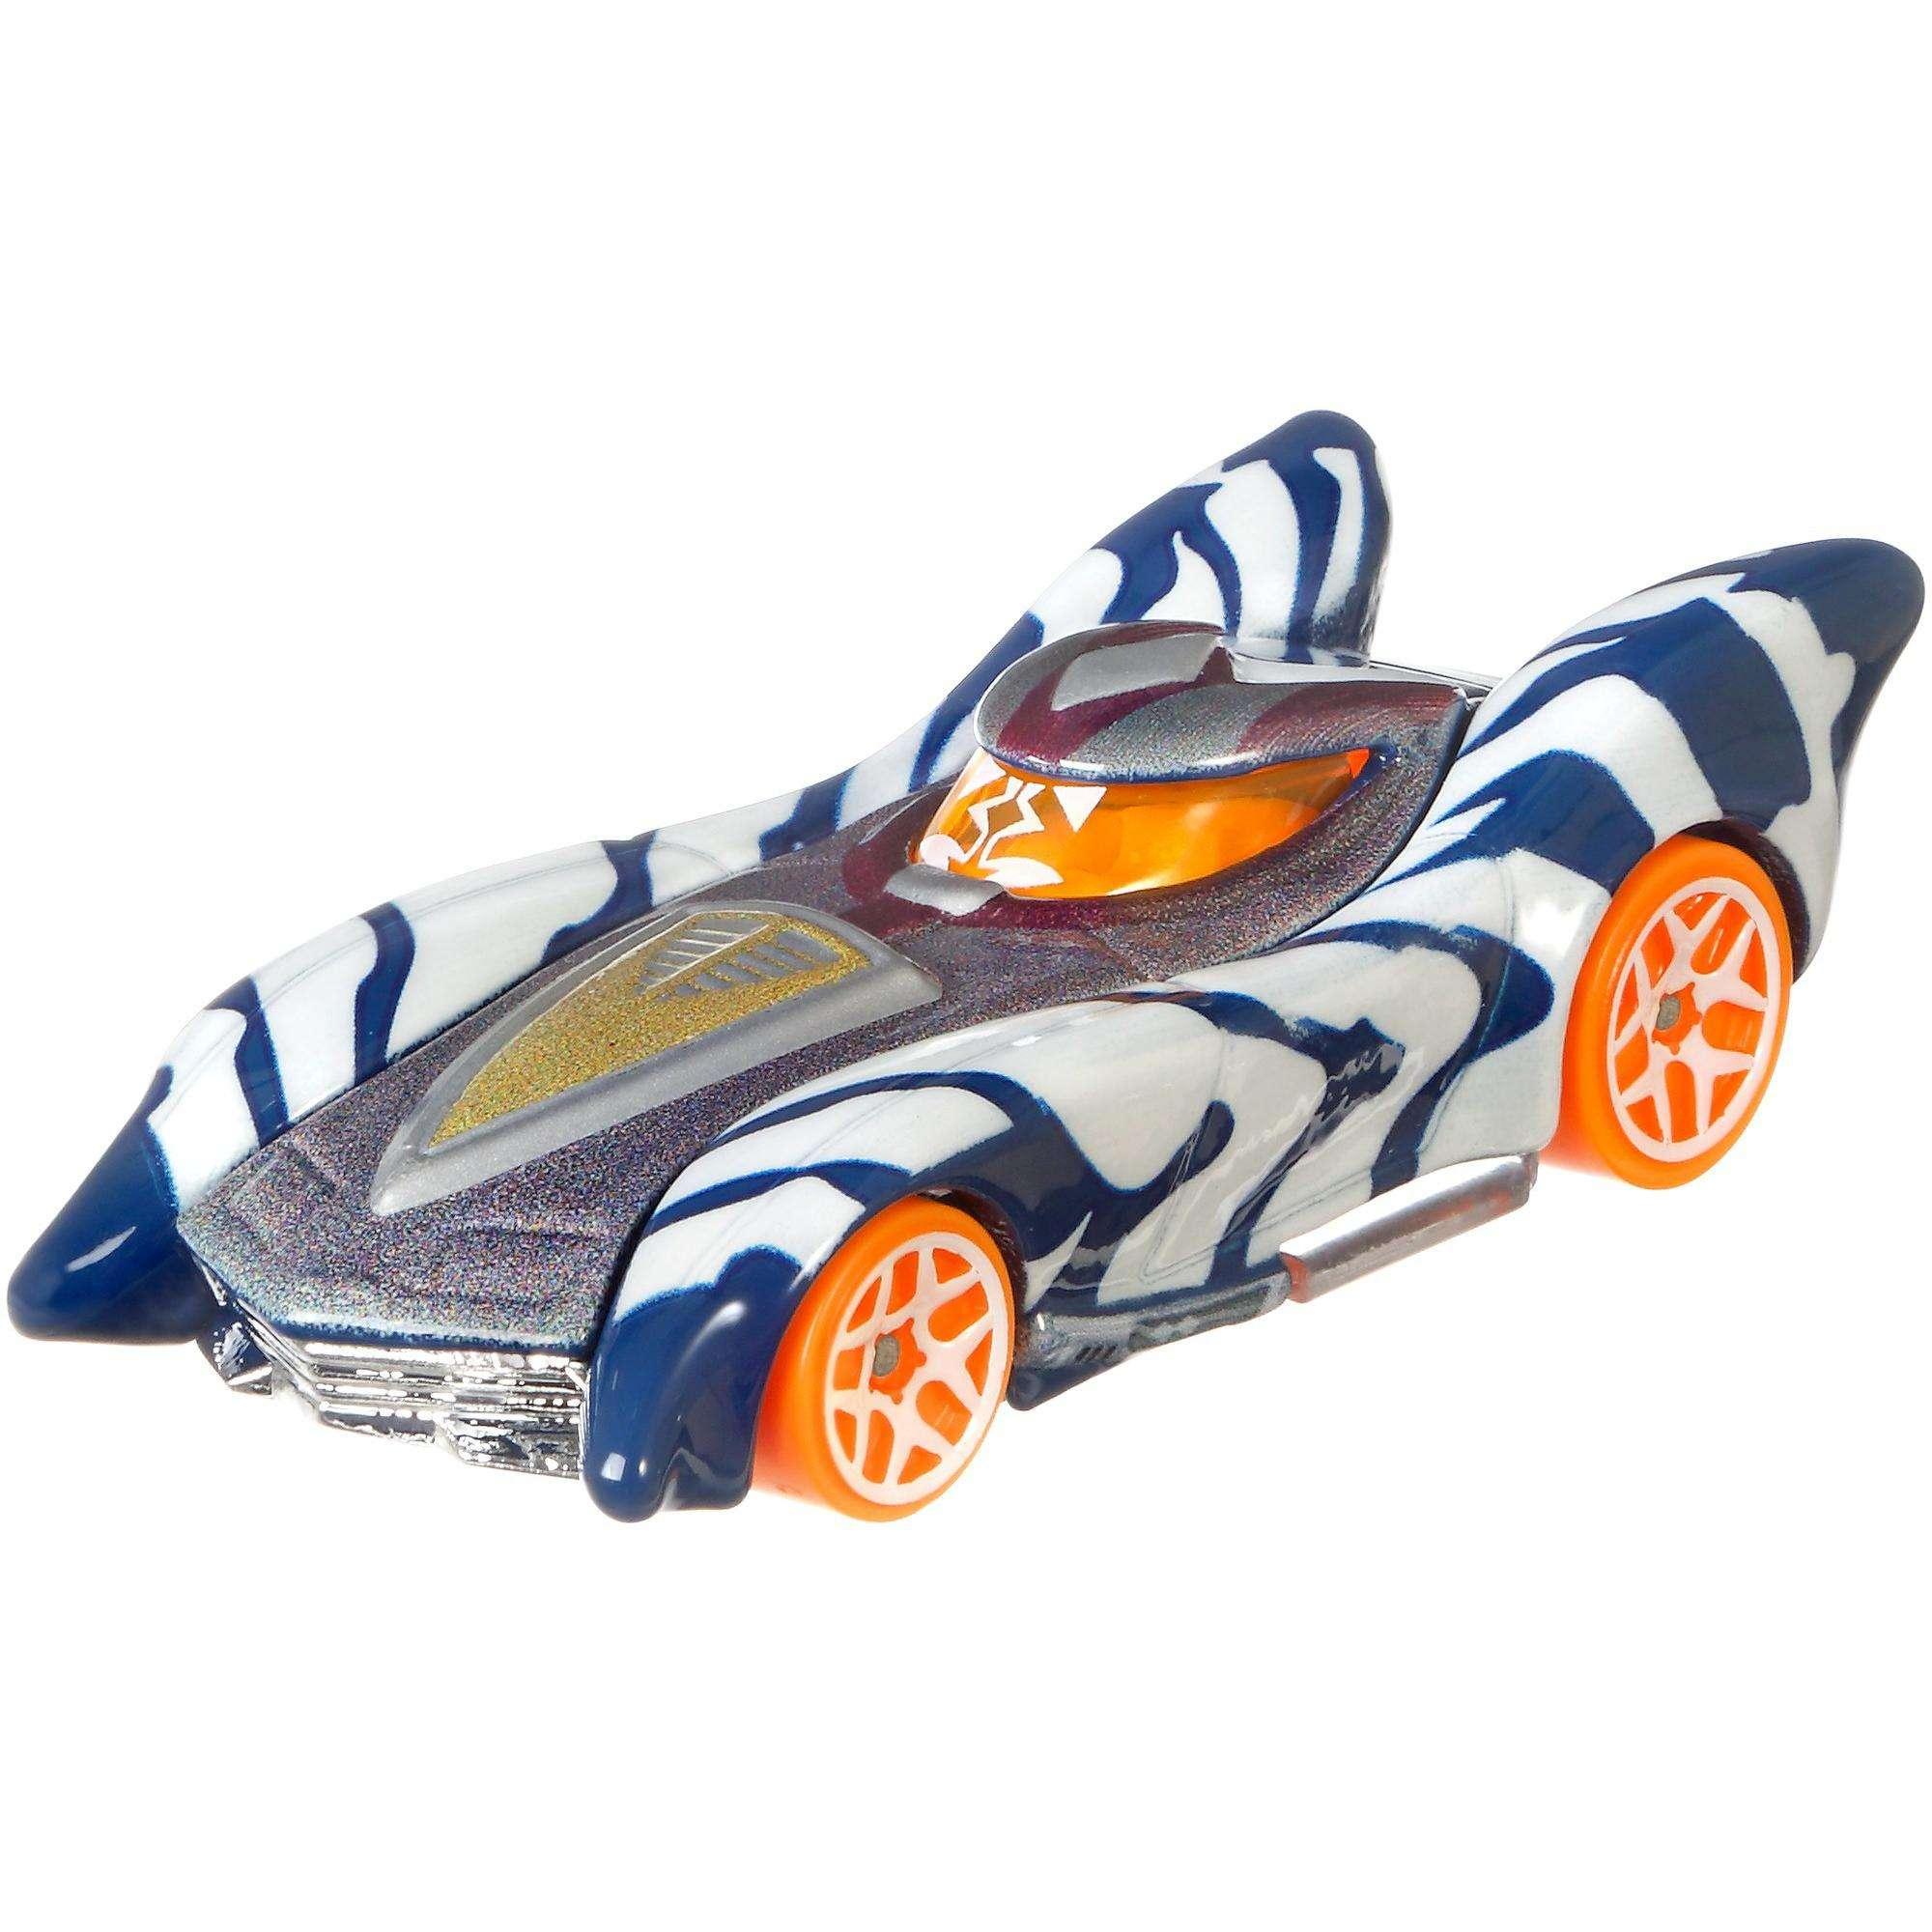 Hot Wheels Ahsoka Tano Character Car